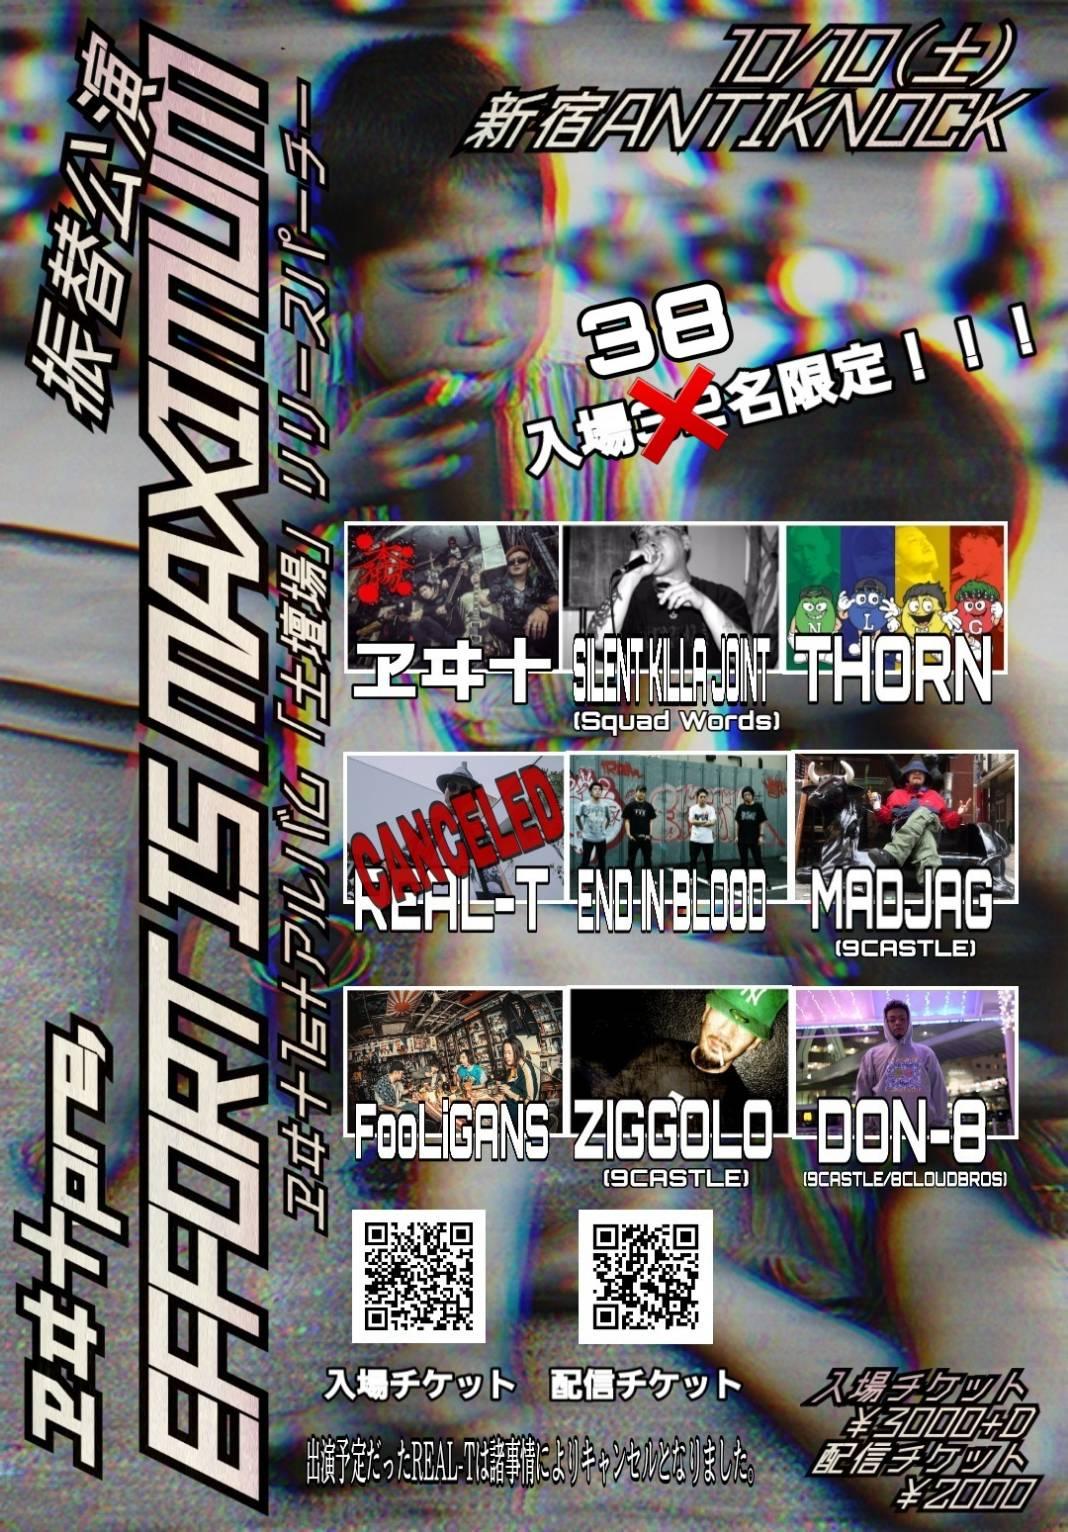 """ヱヰ十 presents 【EFFORT IS MAXIMUM~ヱヰ十 1stアルバム """"土壇場"""" リリースパーチー~】"""